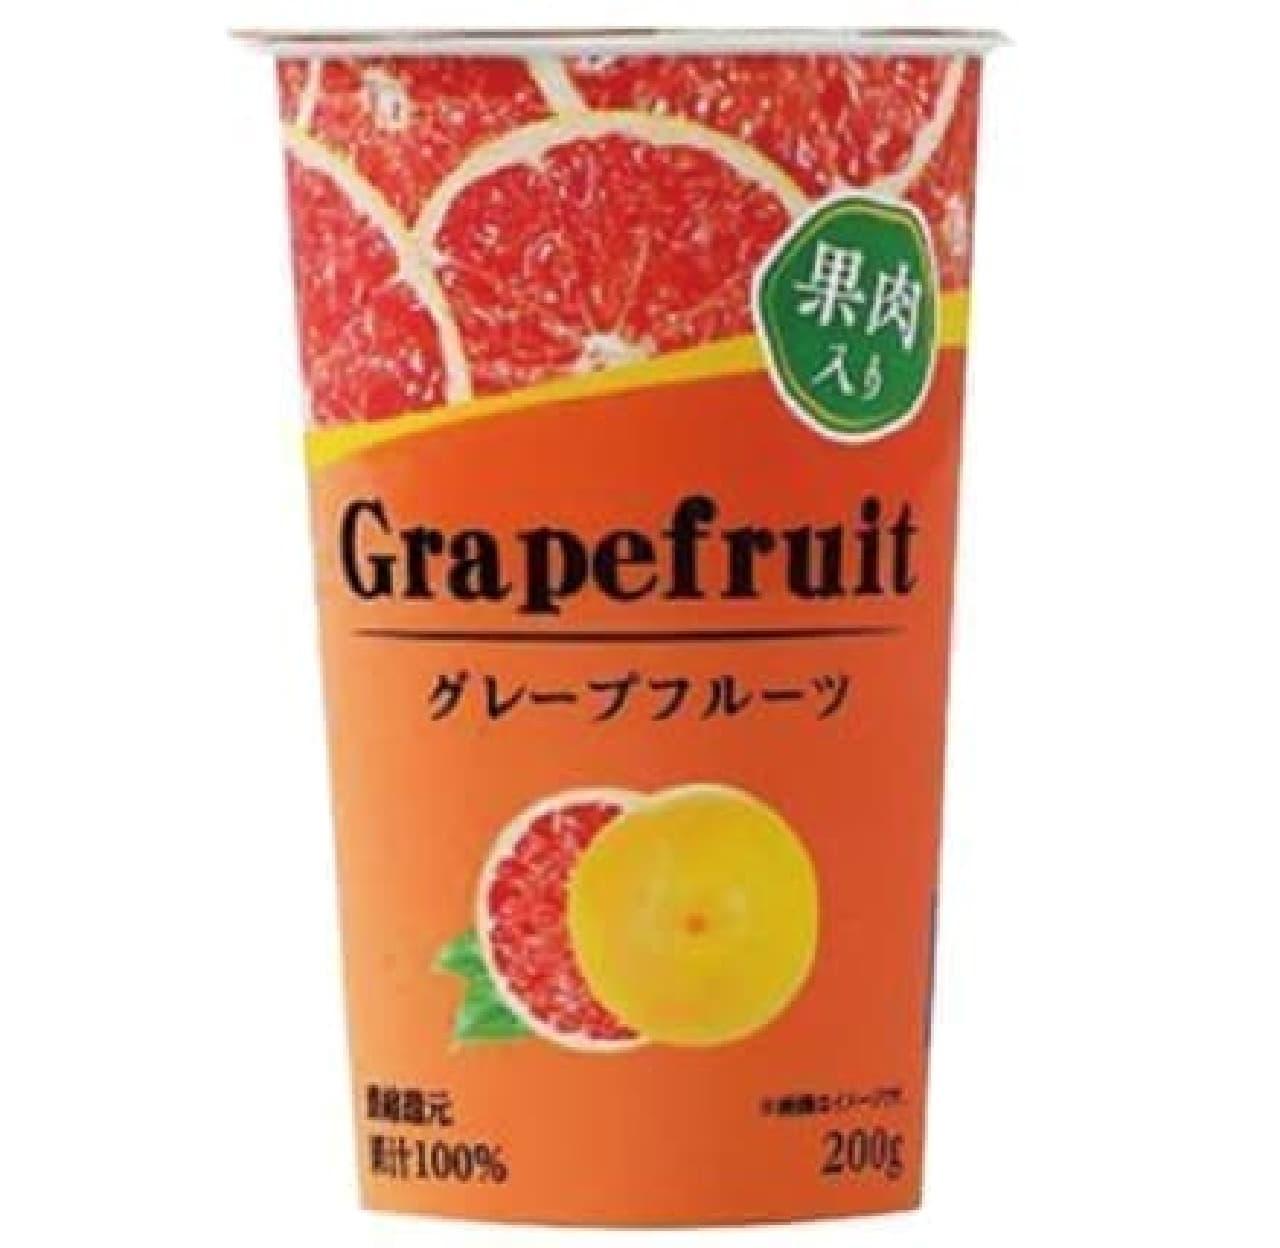 ファミリーマート「グレープフルーツ」